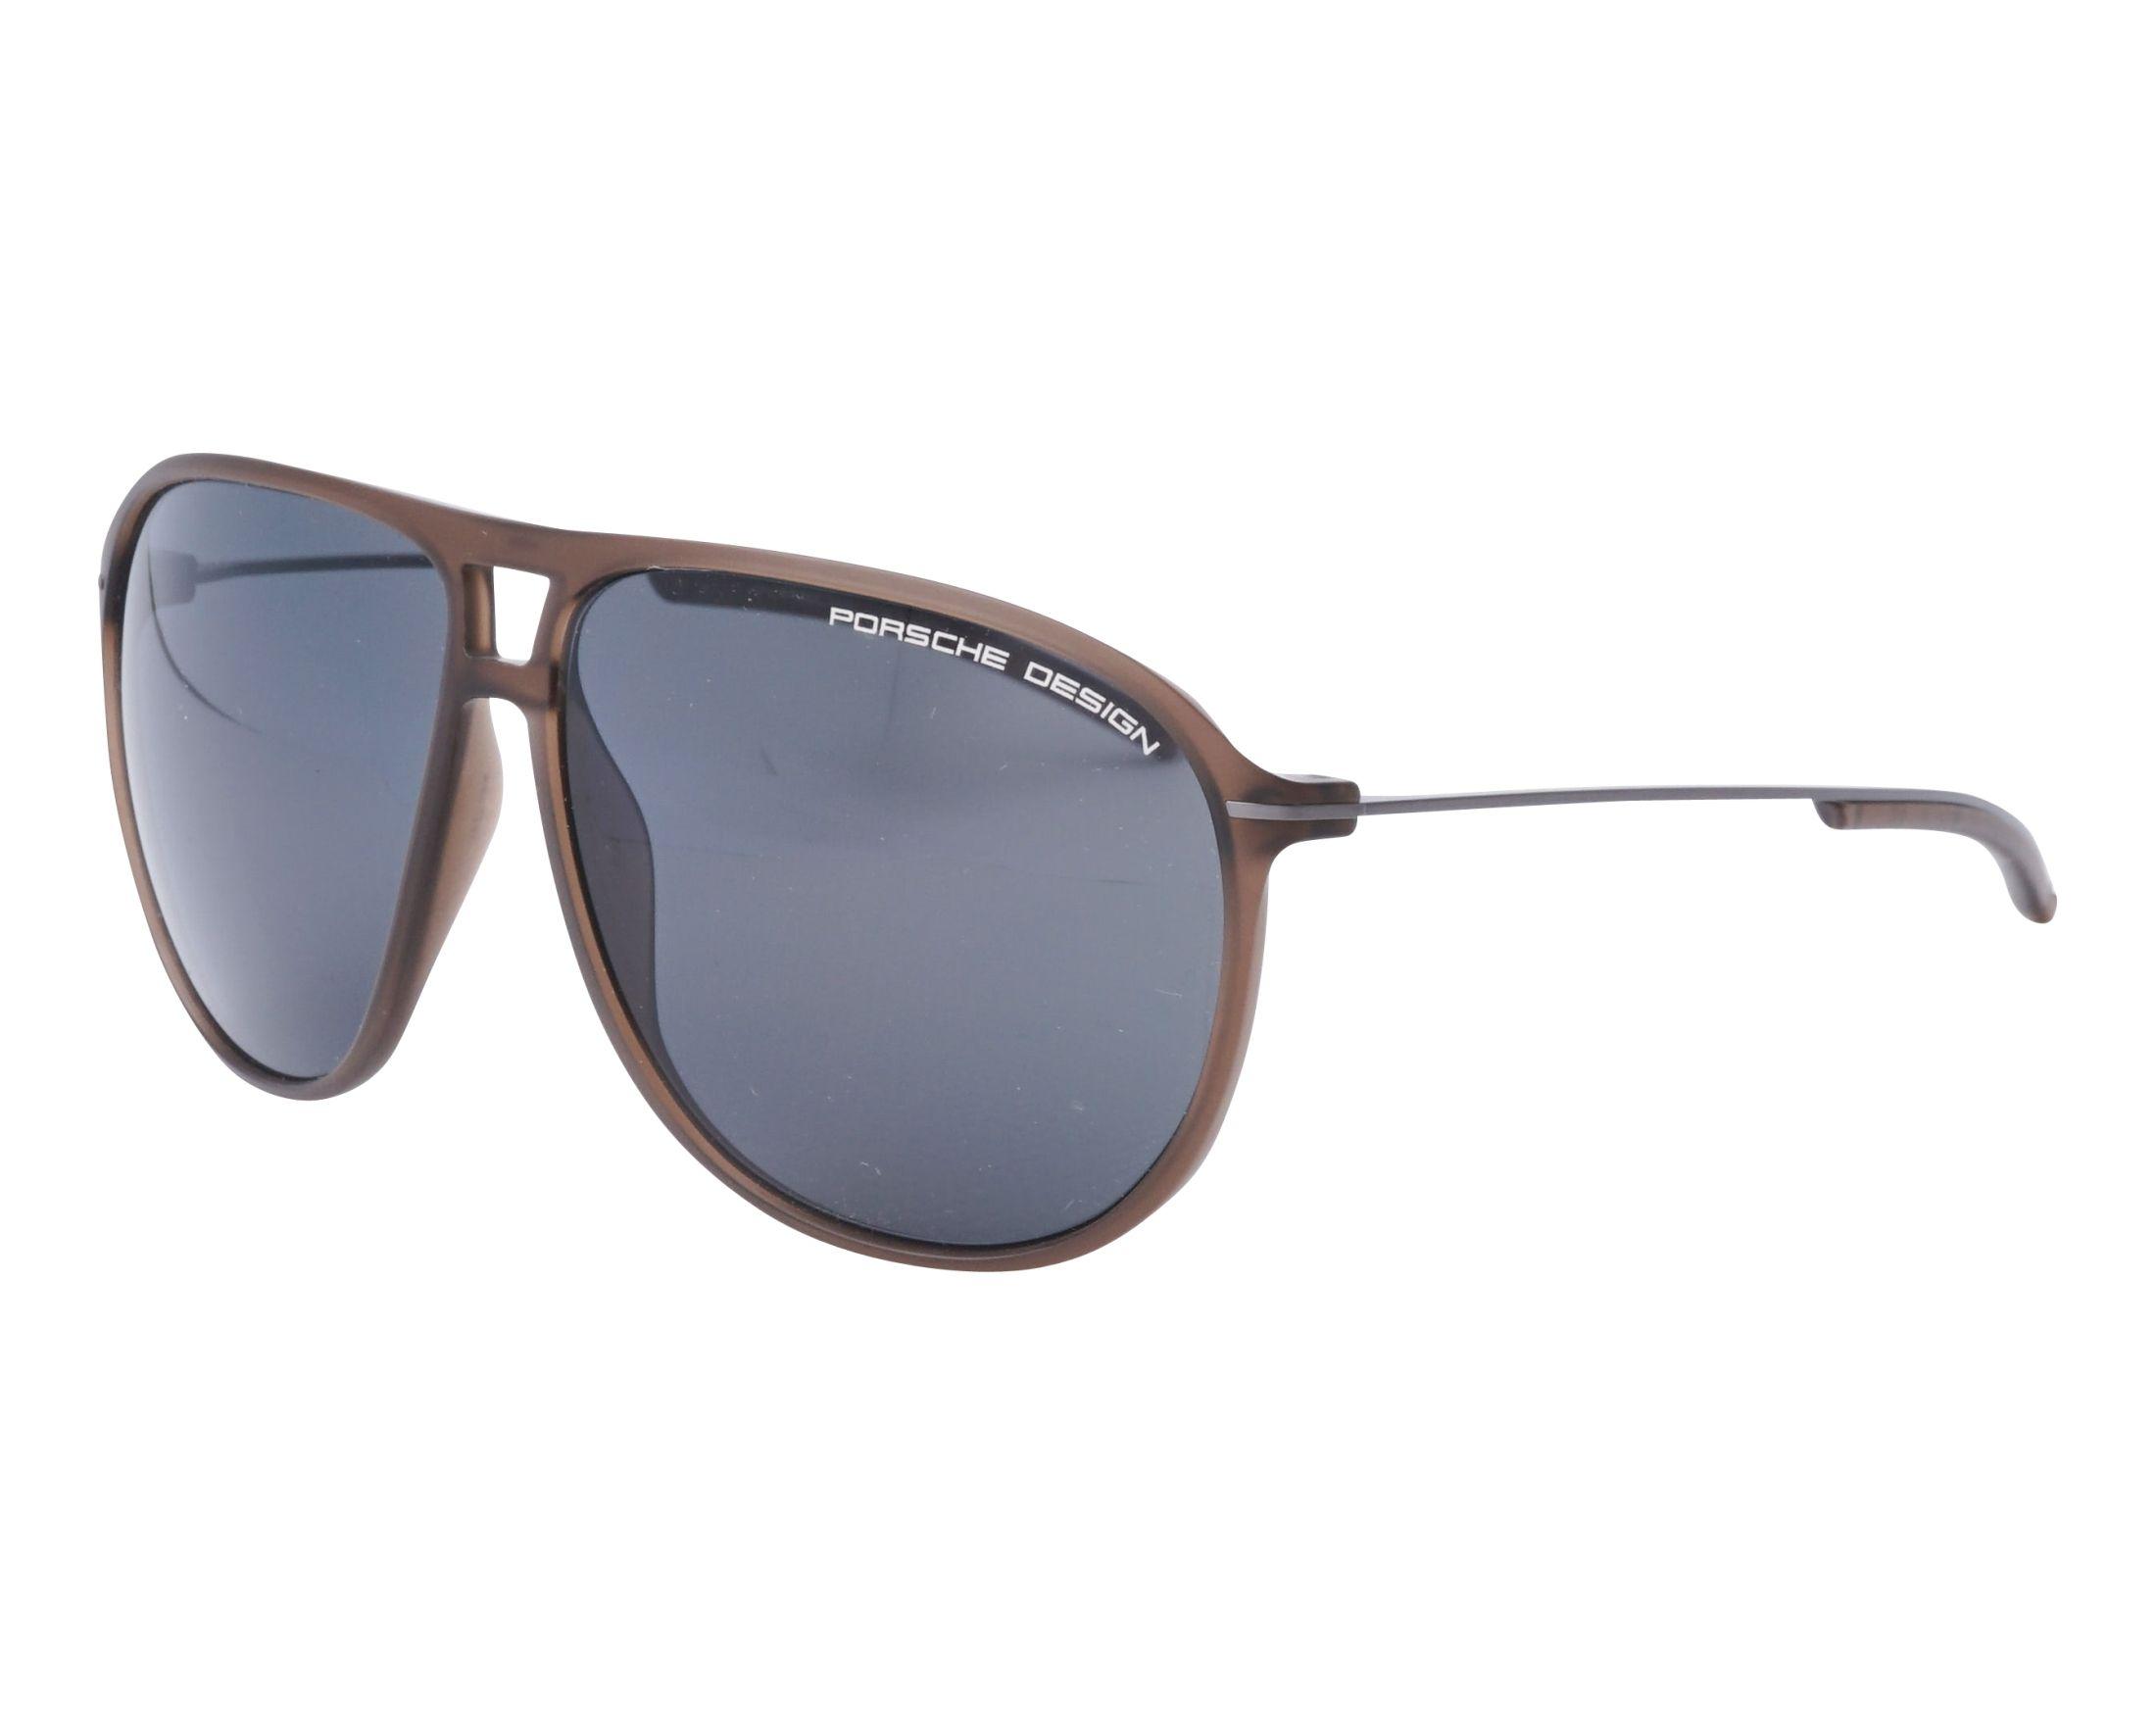 achat lunettes de soleil porsche design p 8635 b visionet. Black Bedroom Furniture Sets. Home Design Ideas